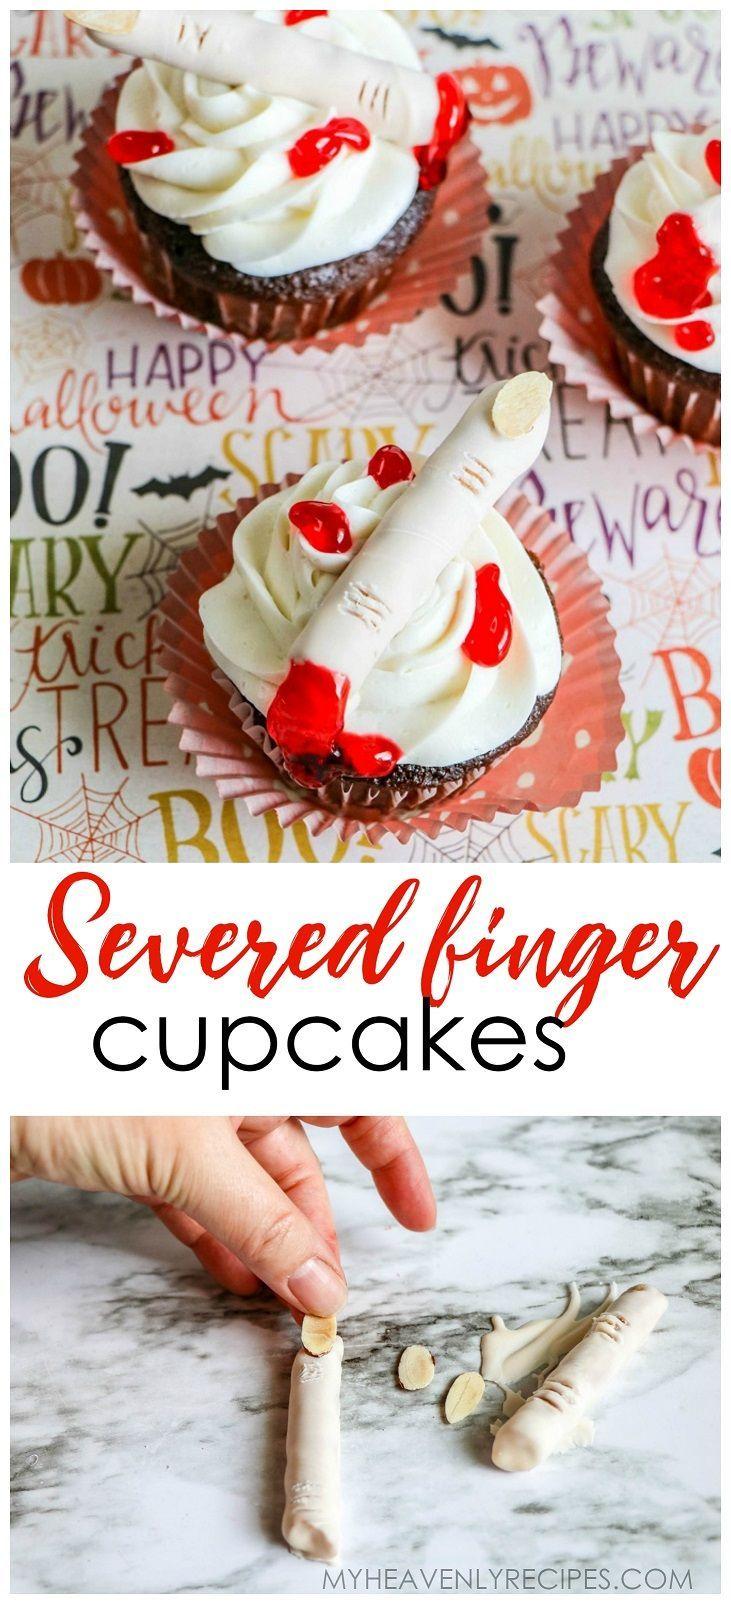 Severed Finger Cupcakes for Halloween. Halloween dessert